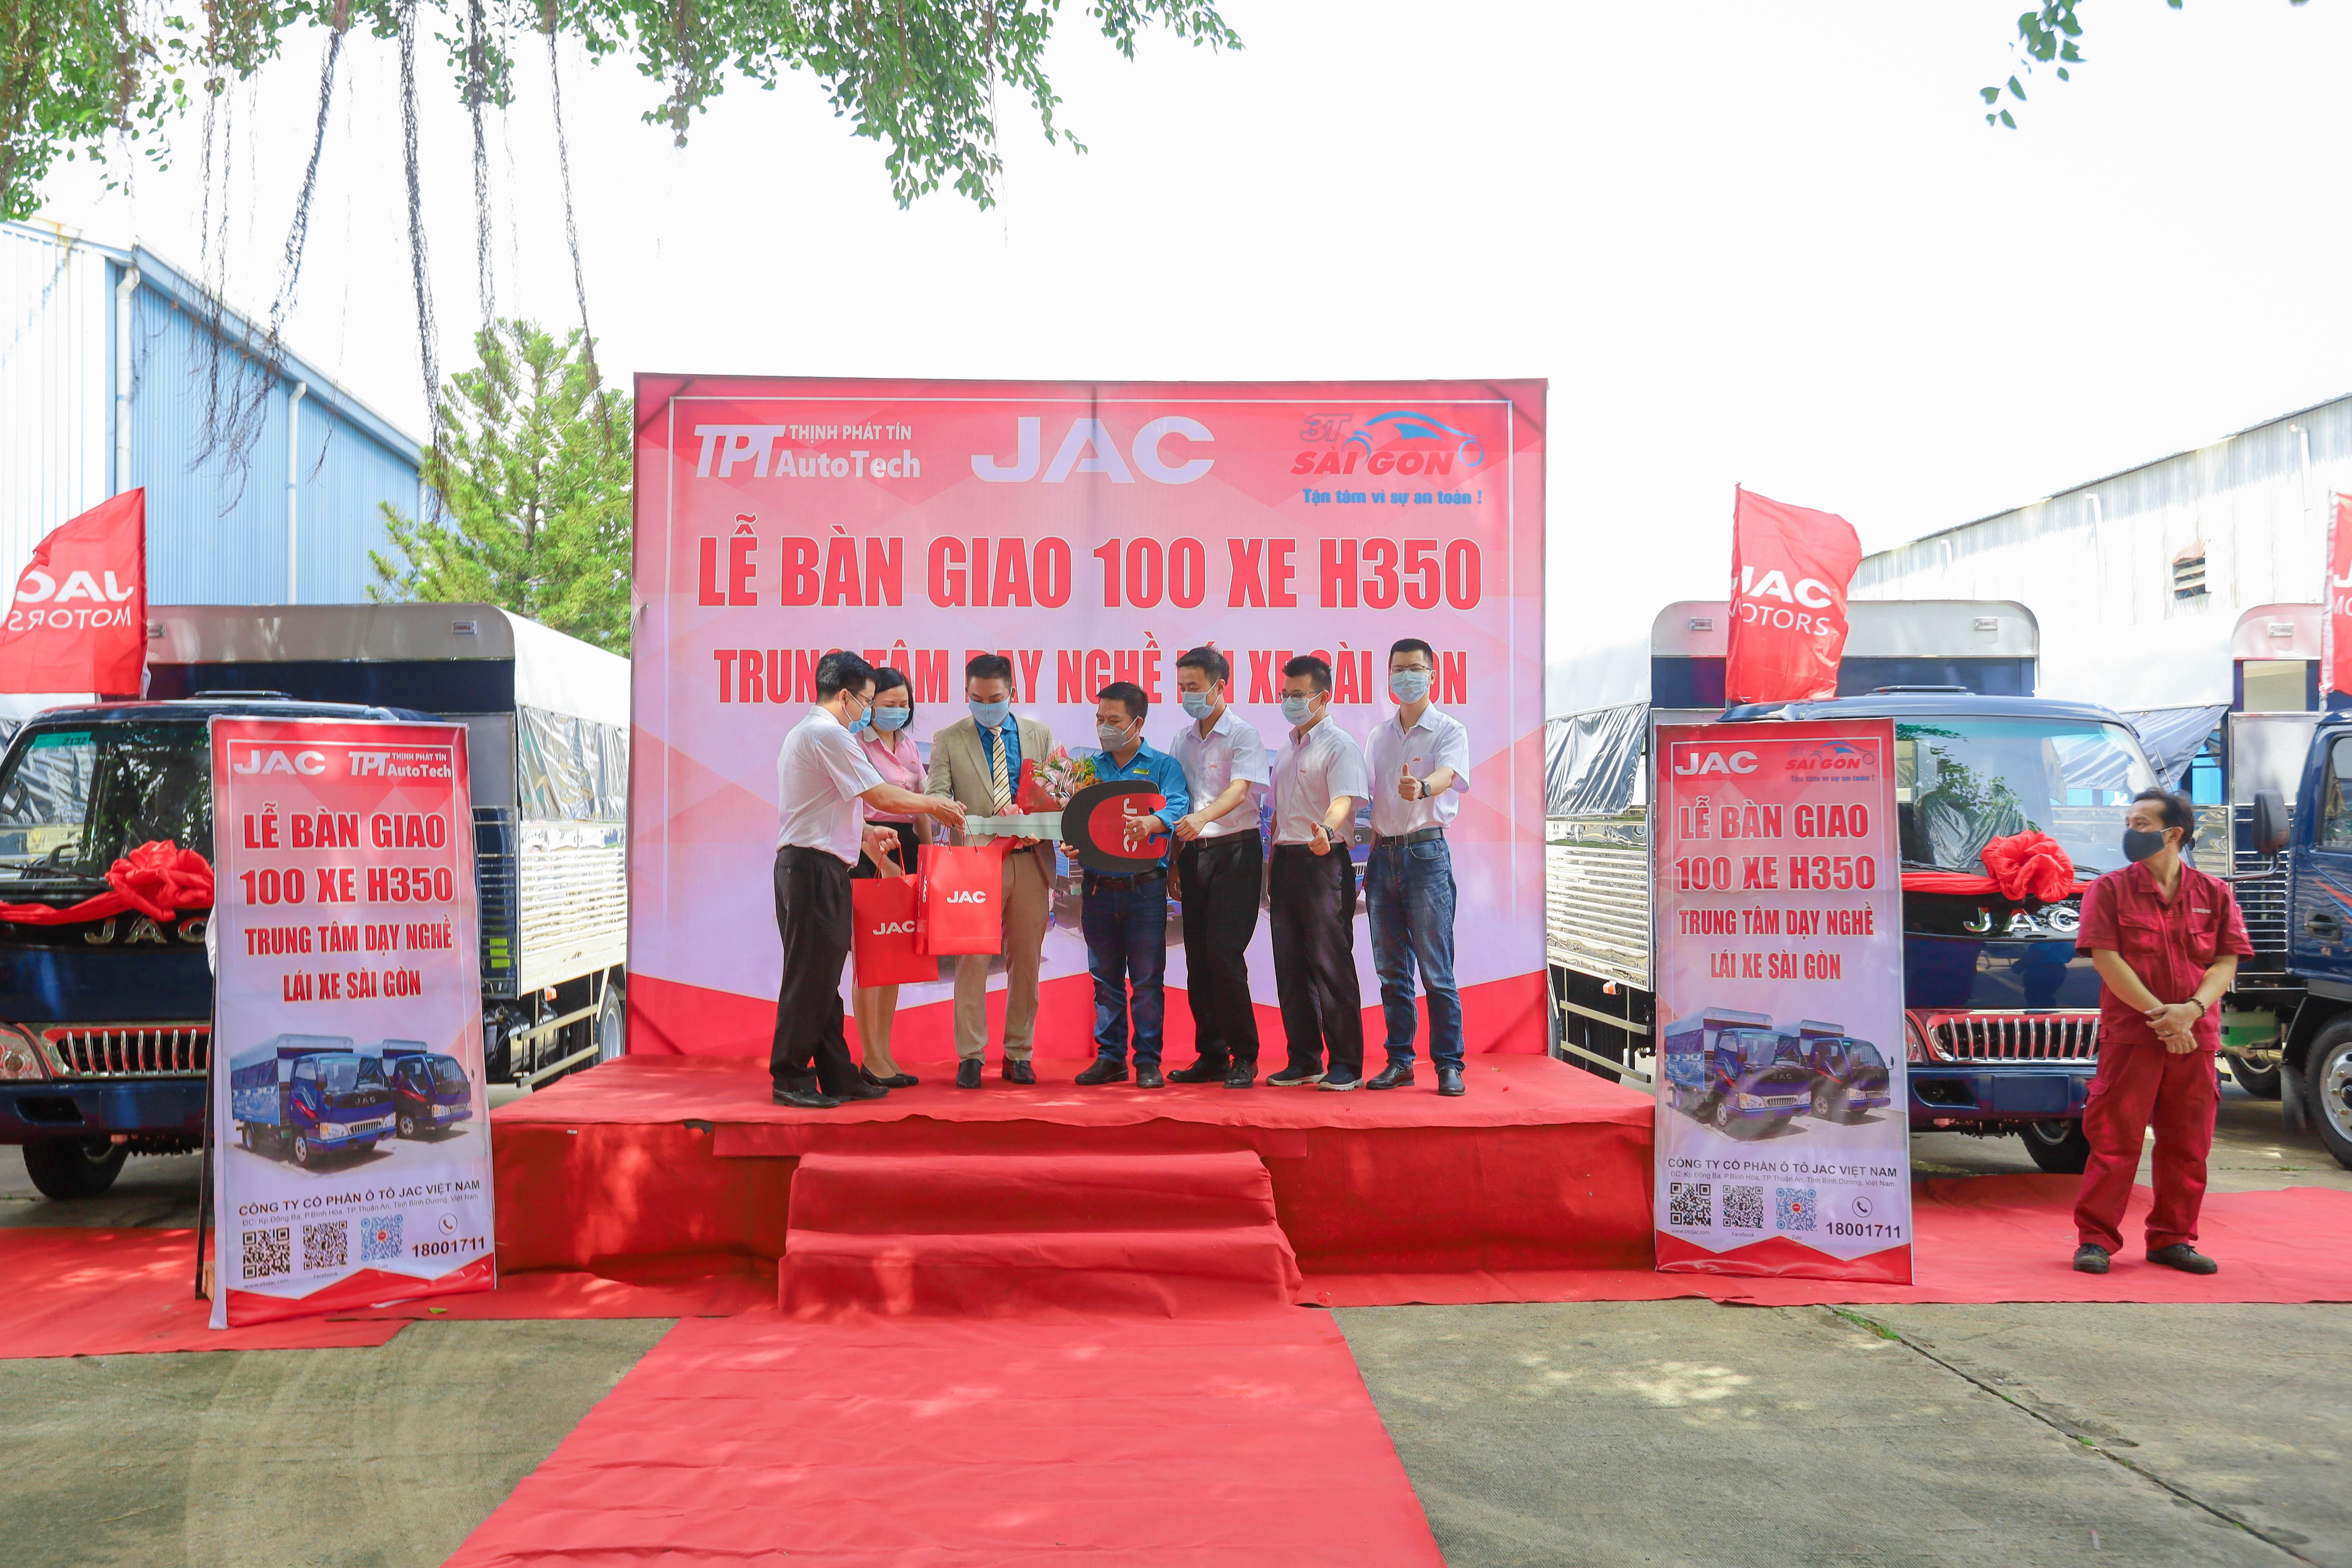 Lễ tiếp nhận 100 xe chuyên dụng để phục vụ cho hệ thống đào tạo lái xe Sài Gòn.